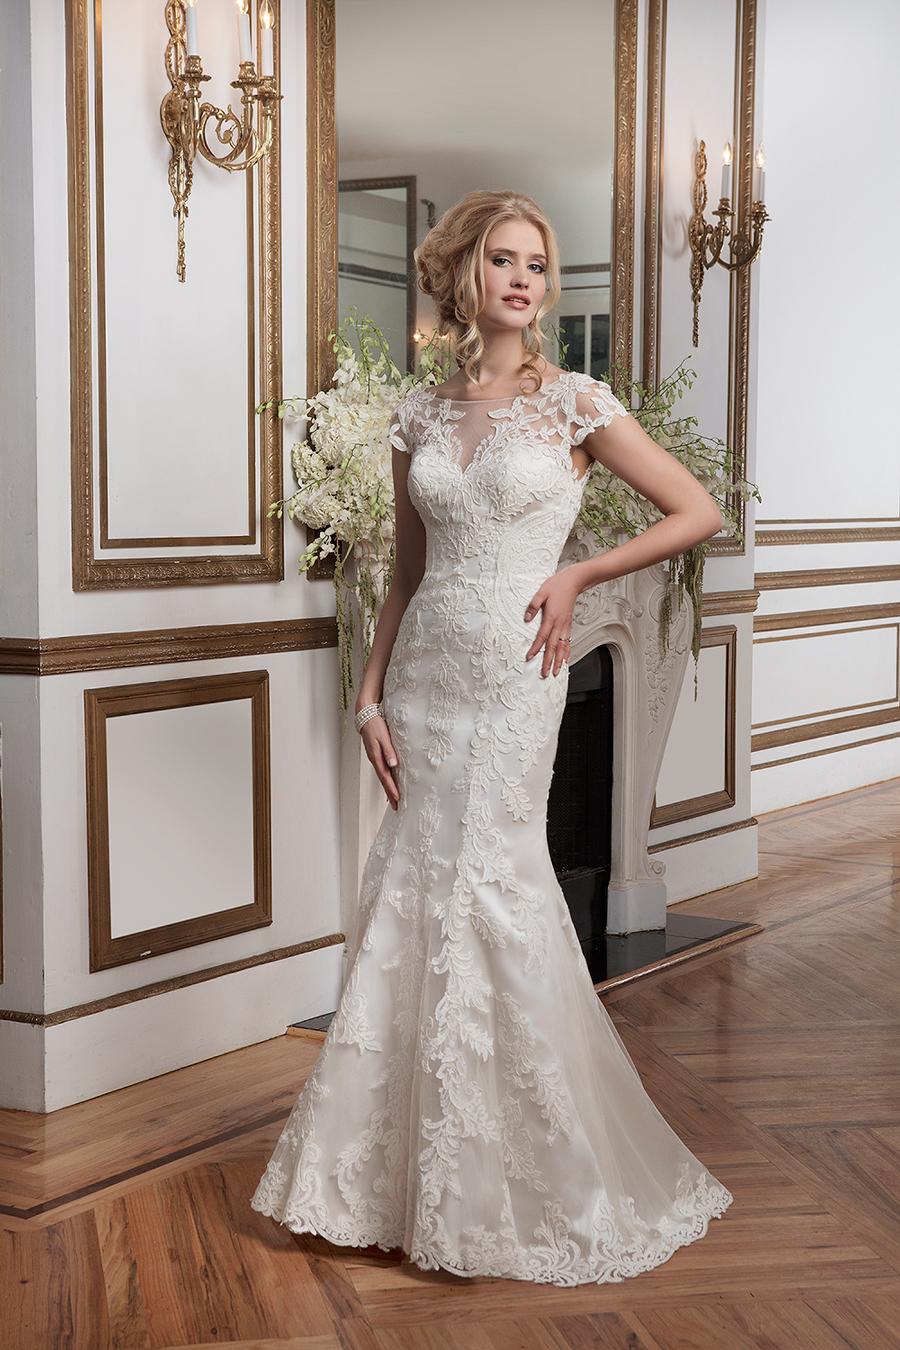 El romanticismo y el buen gusto se juntan en este traje de novia